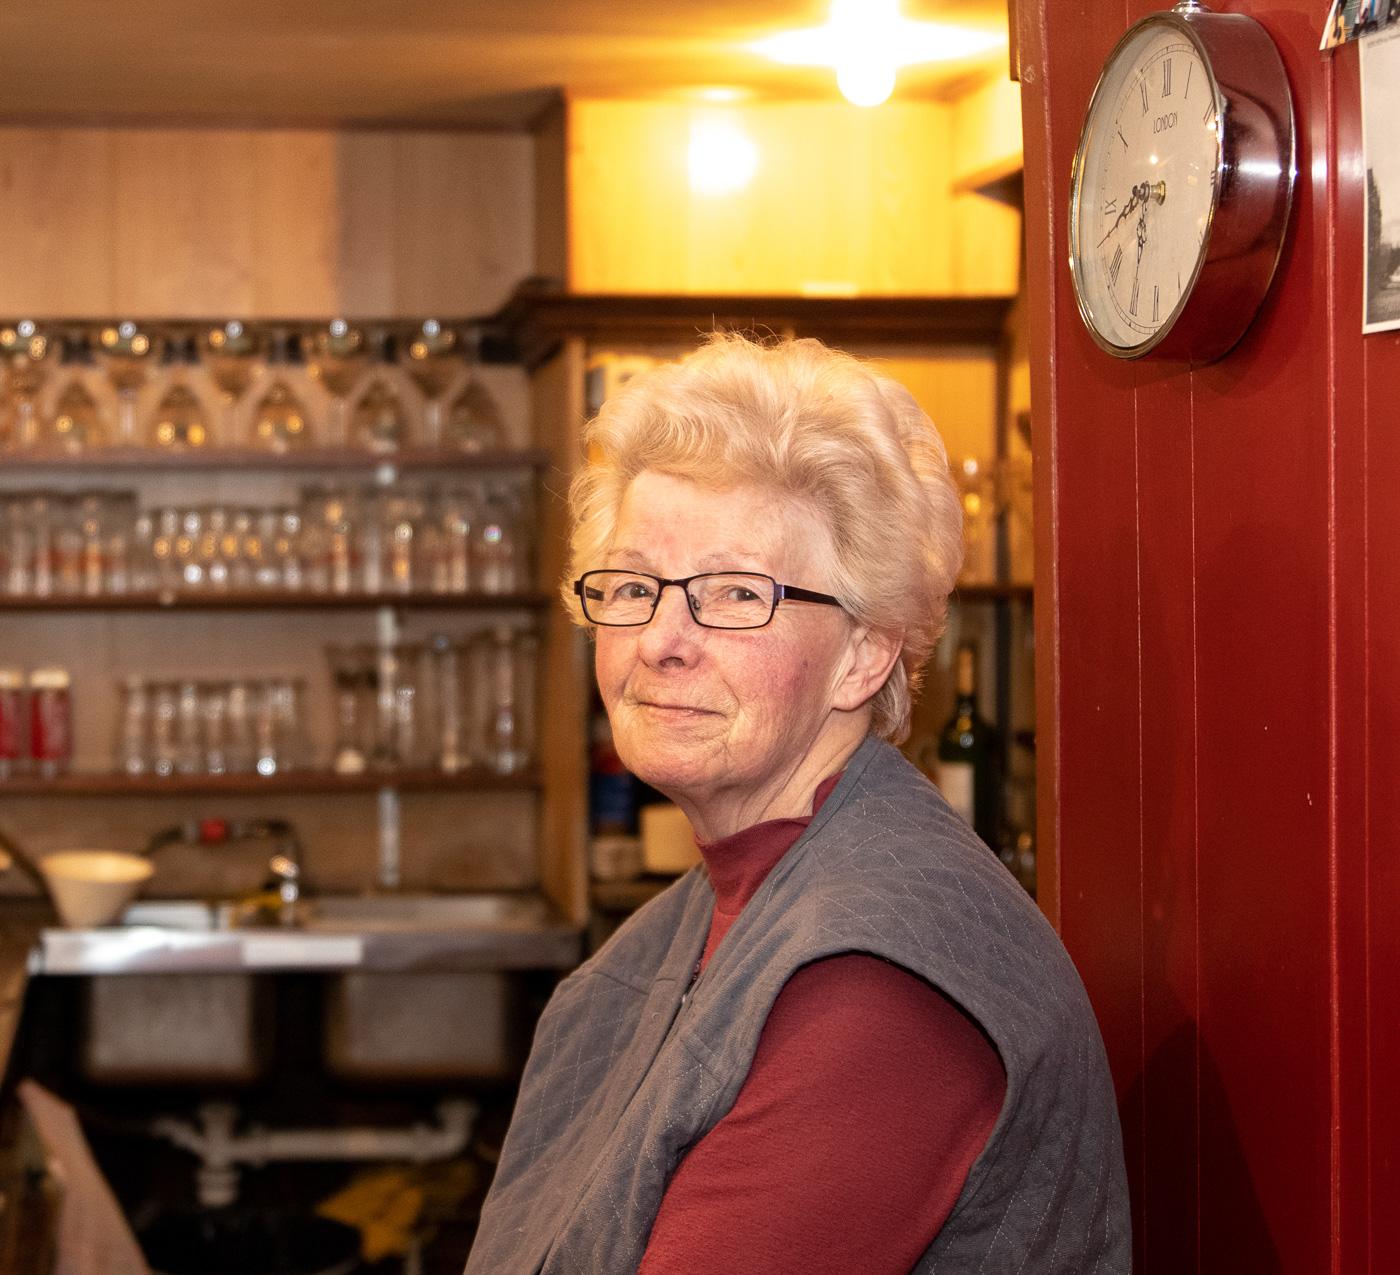 Matty Caymax - At the pub I